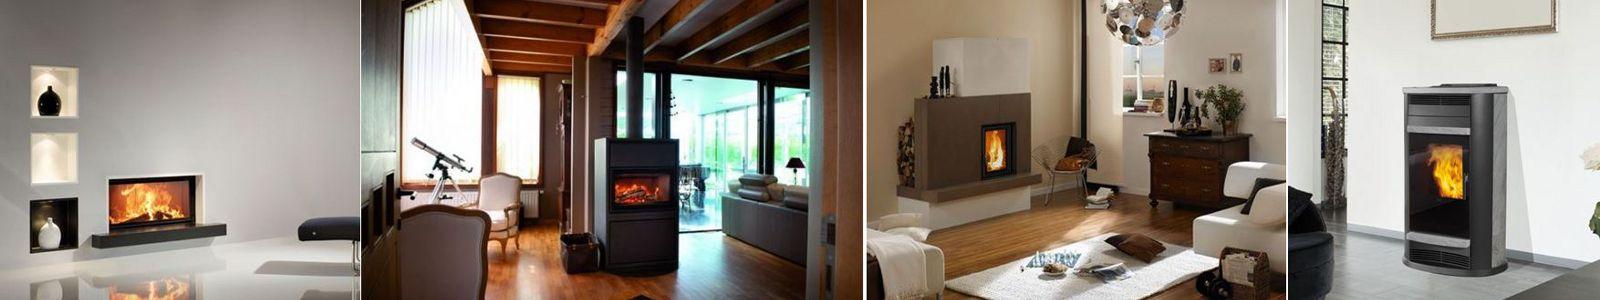 Chaudière et chauffage central au bois et pellets Maisons Pinterest